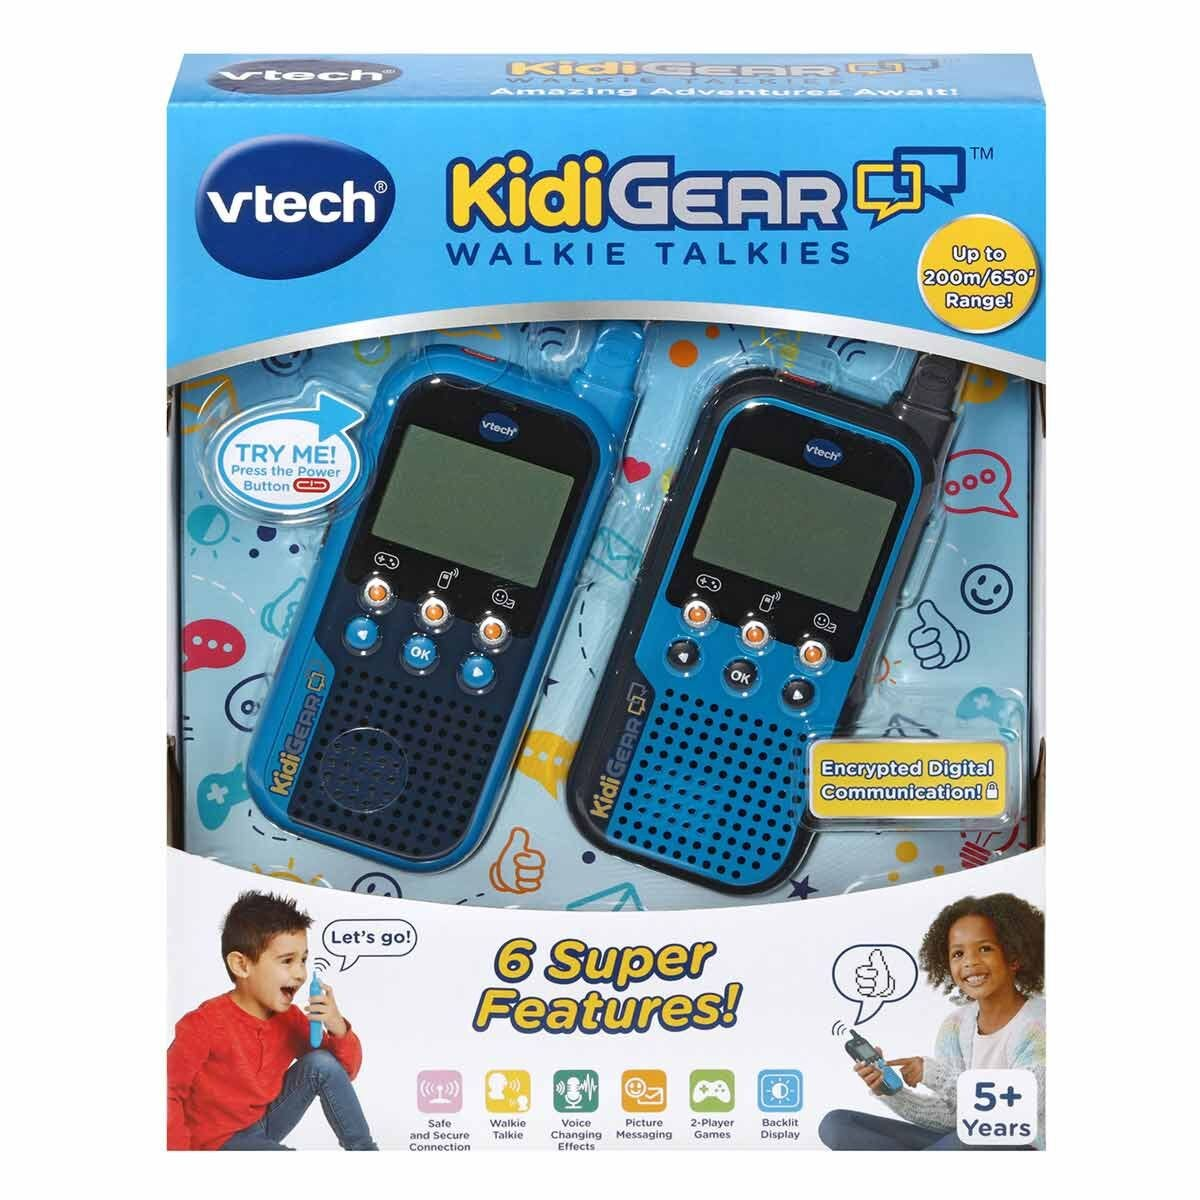 Vtech KidiGear Walkie Talkies